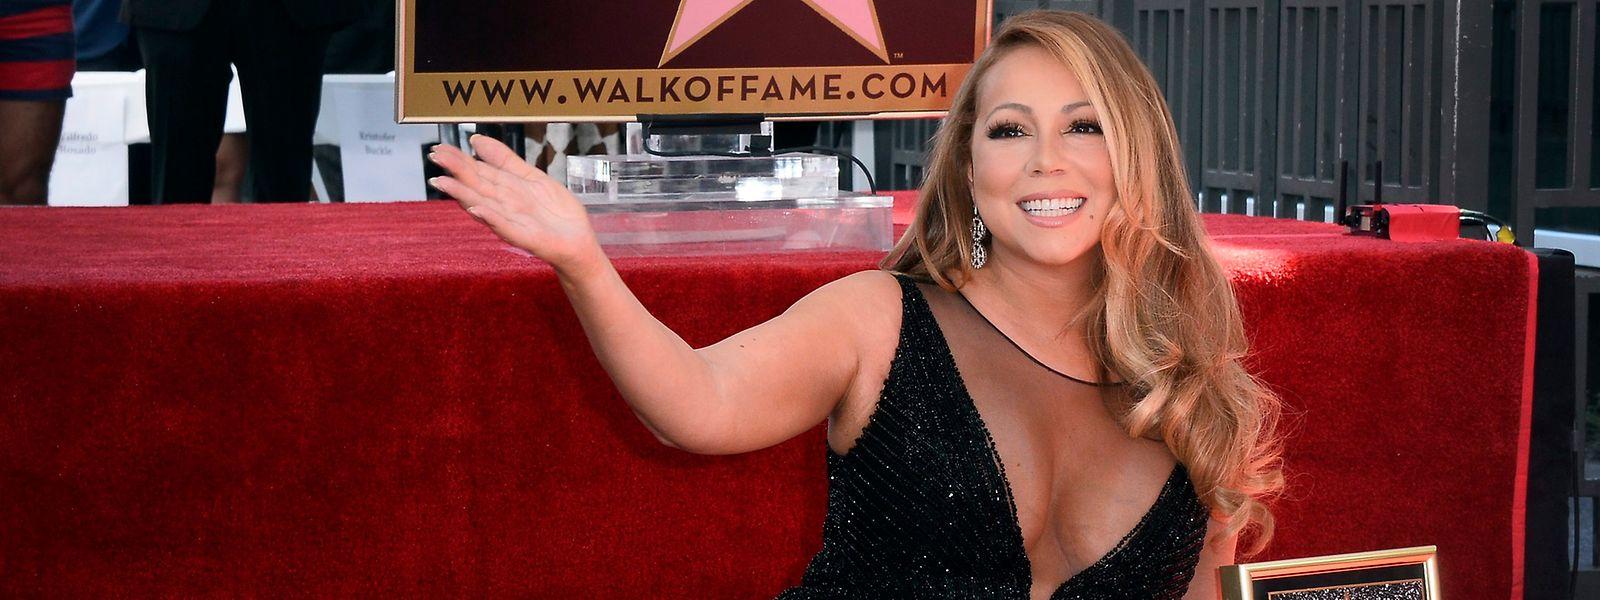 Auch auf dem Walk of Fame ist US-Sängerin Mariah Carey mit einem Stern vertreten.